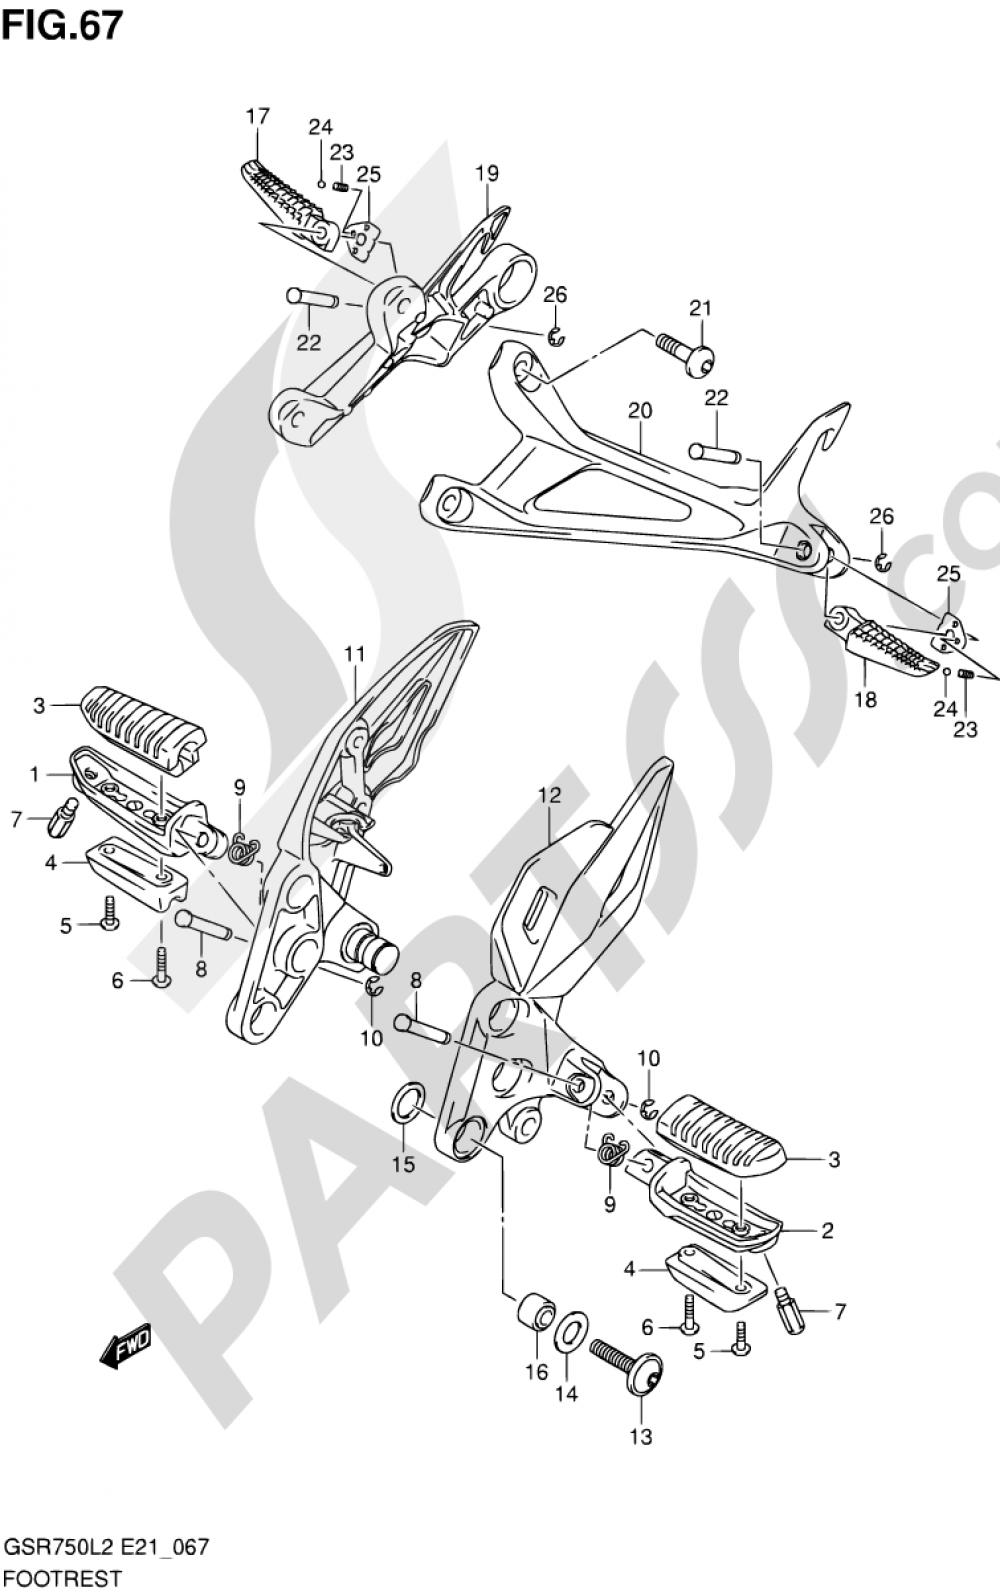 67 - FOOTREST Suzuki GSR750 2012